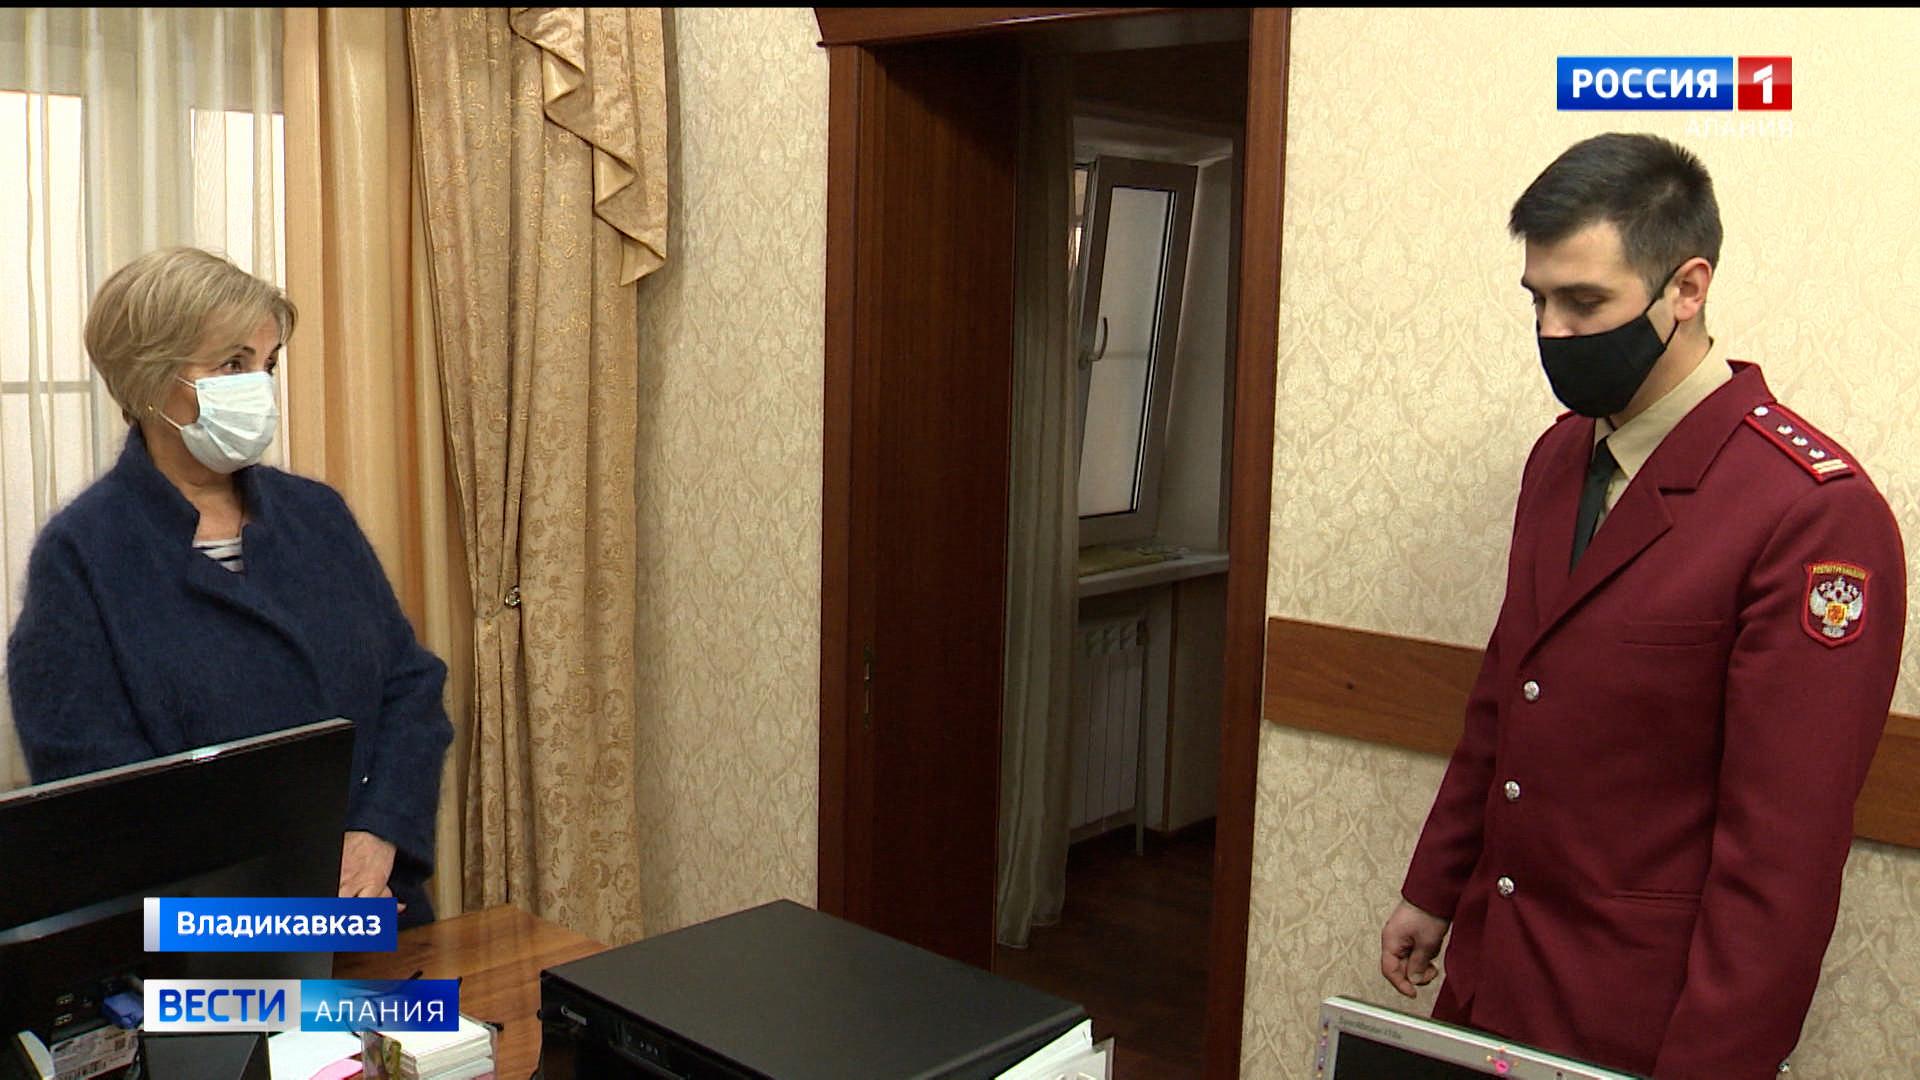 Сотрудники Роспотребнадзора провели очередной рейд по торговым точкам Владикавказа